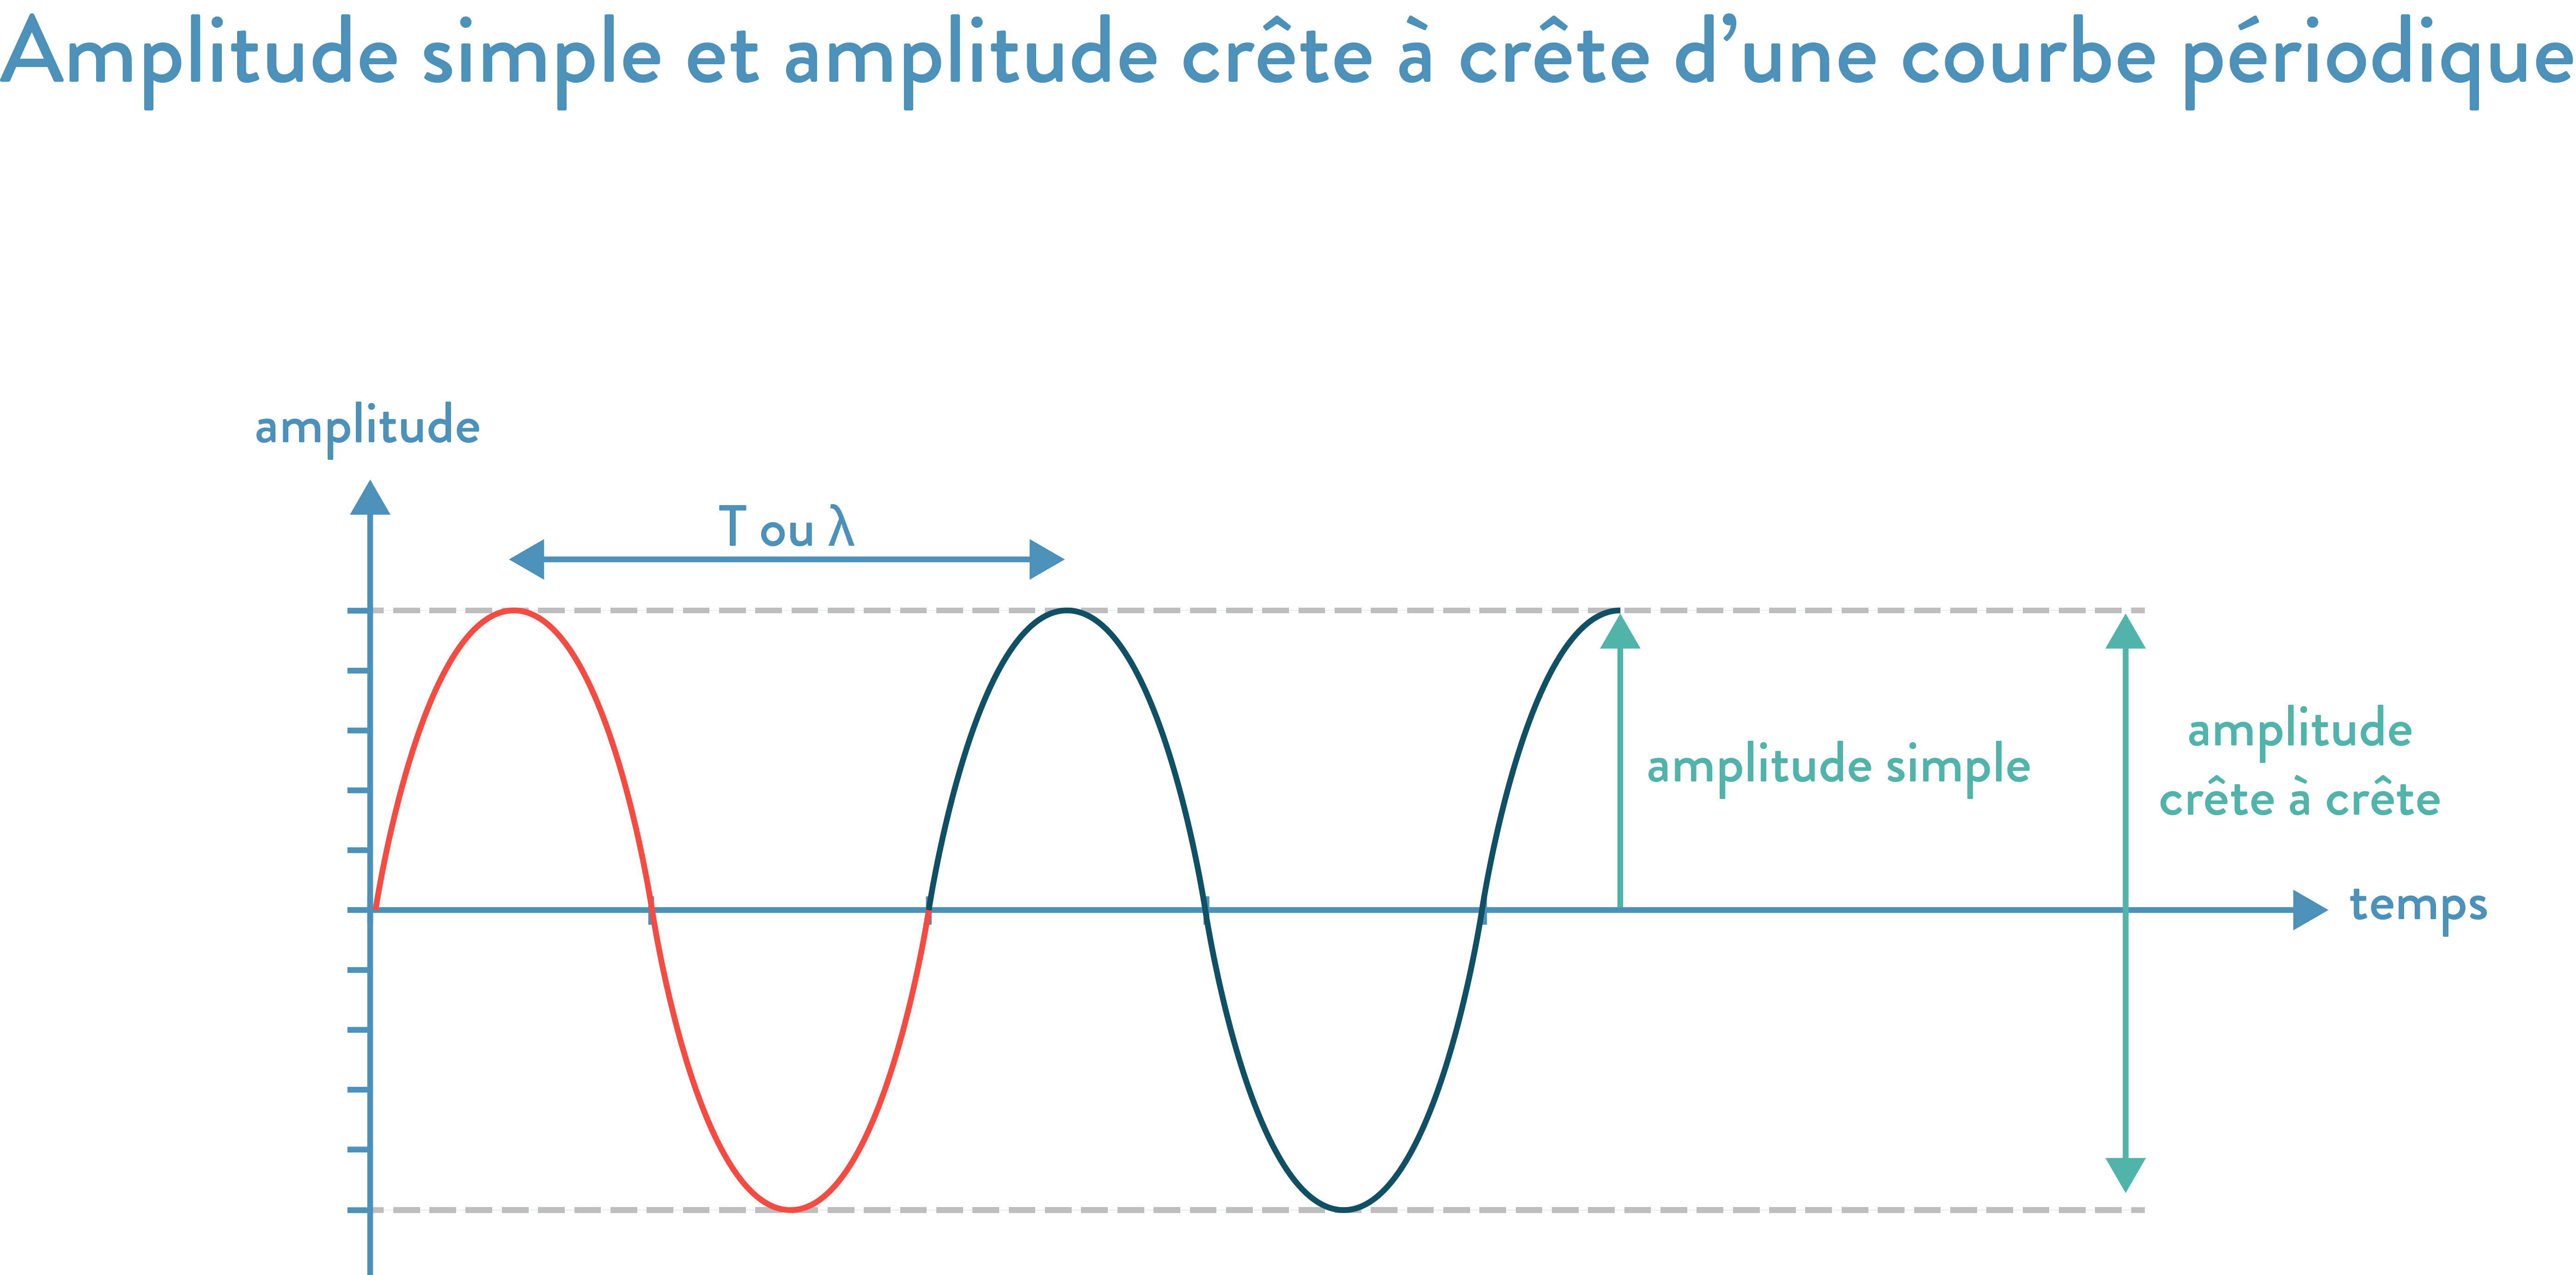 Amplitude simple et amplitude crête à crête d'une courbe périodique 2nde